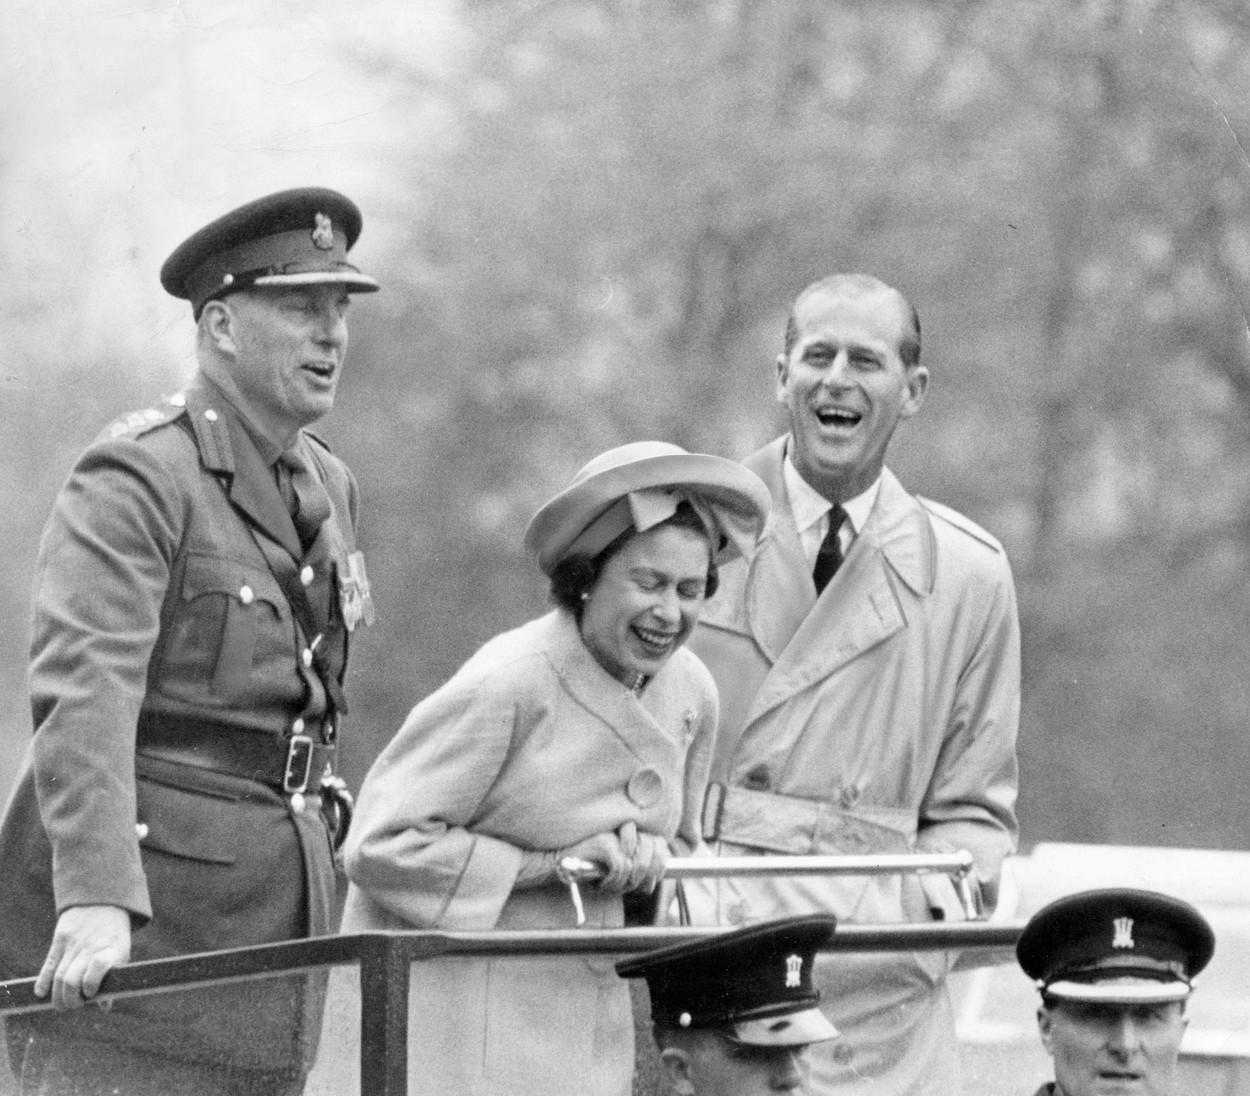 11. května 1963 – mladá královna se svým manželem při 'zábavné' přehlídce rekrutů Velšské brigády na cvičné armádní základně ve Cwrt-y-Gollen neboli Hazel Courtu (neboli Lískovém dvorci)